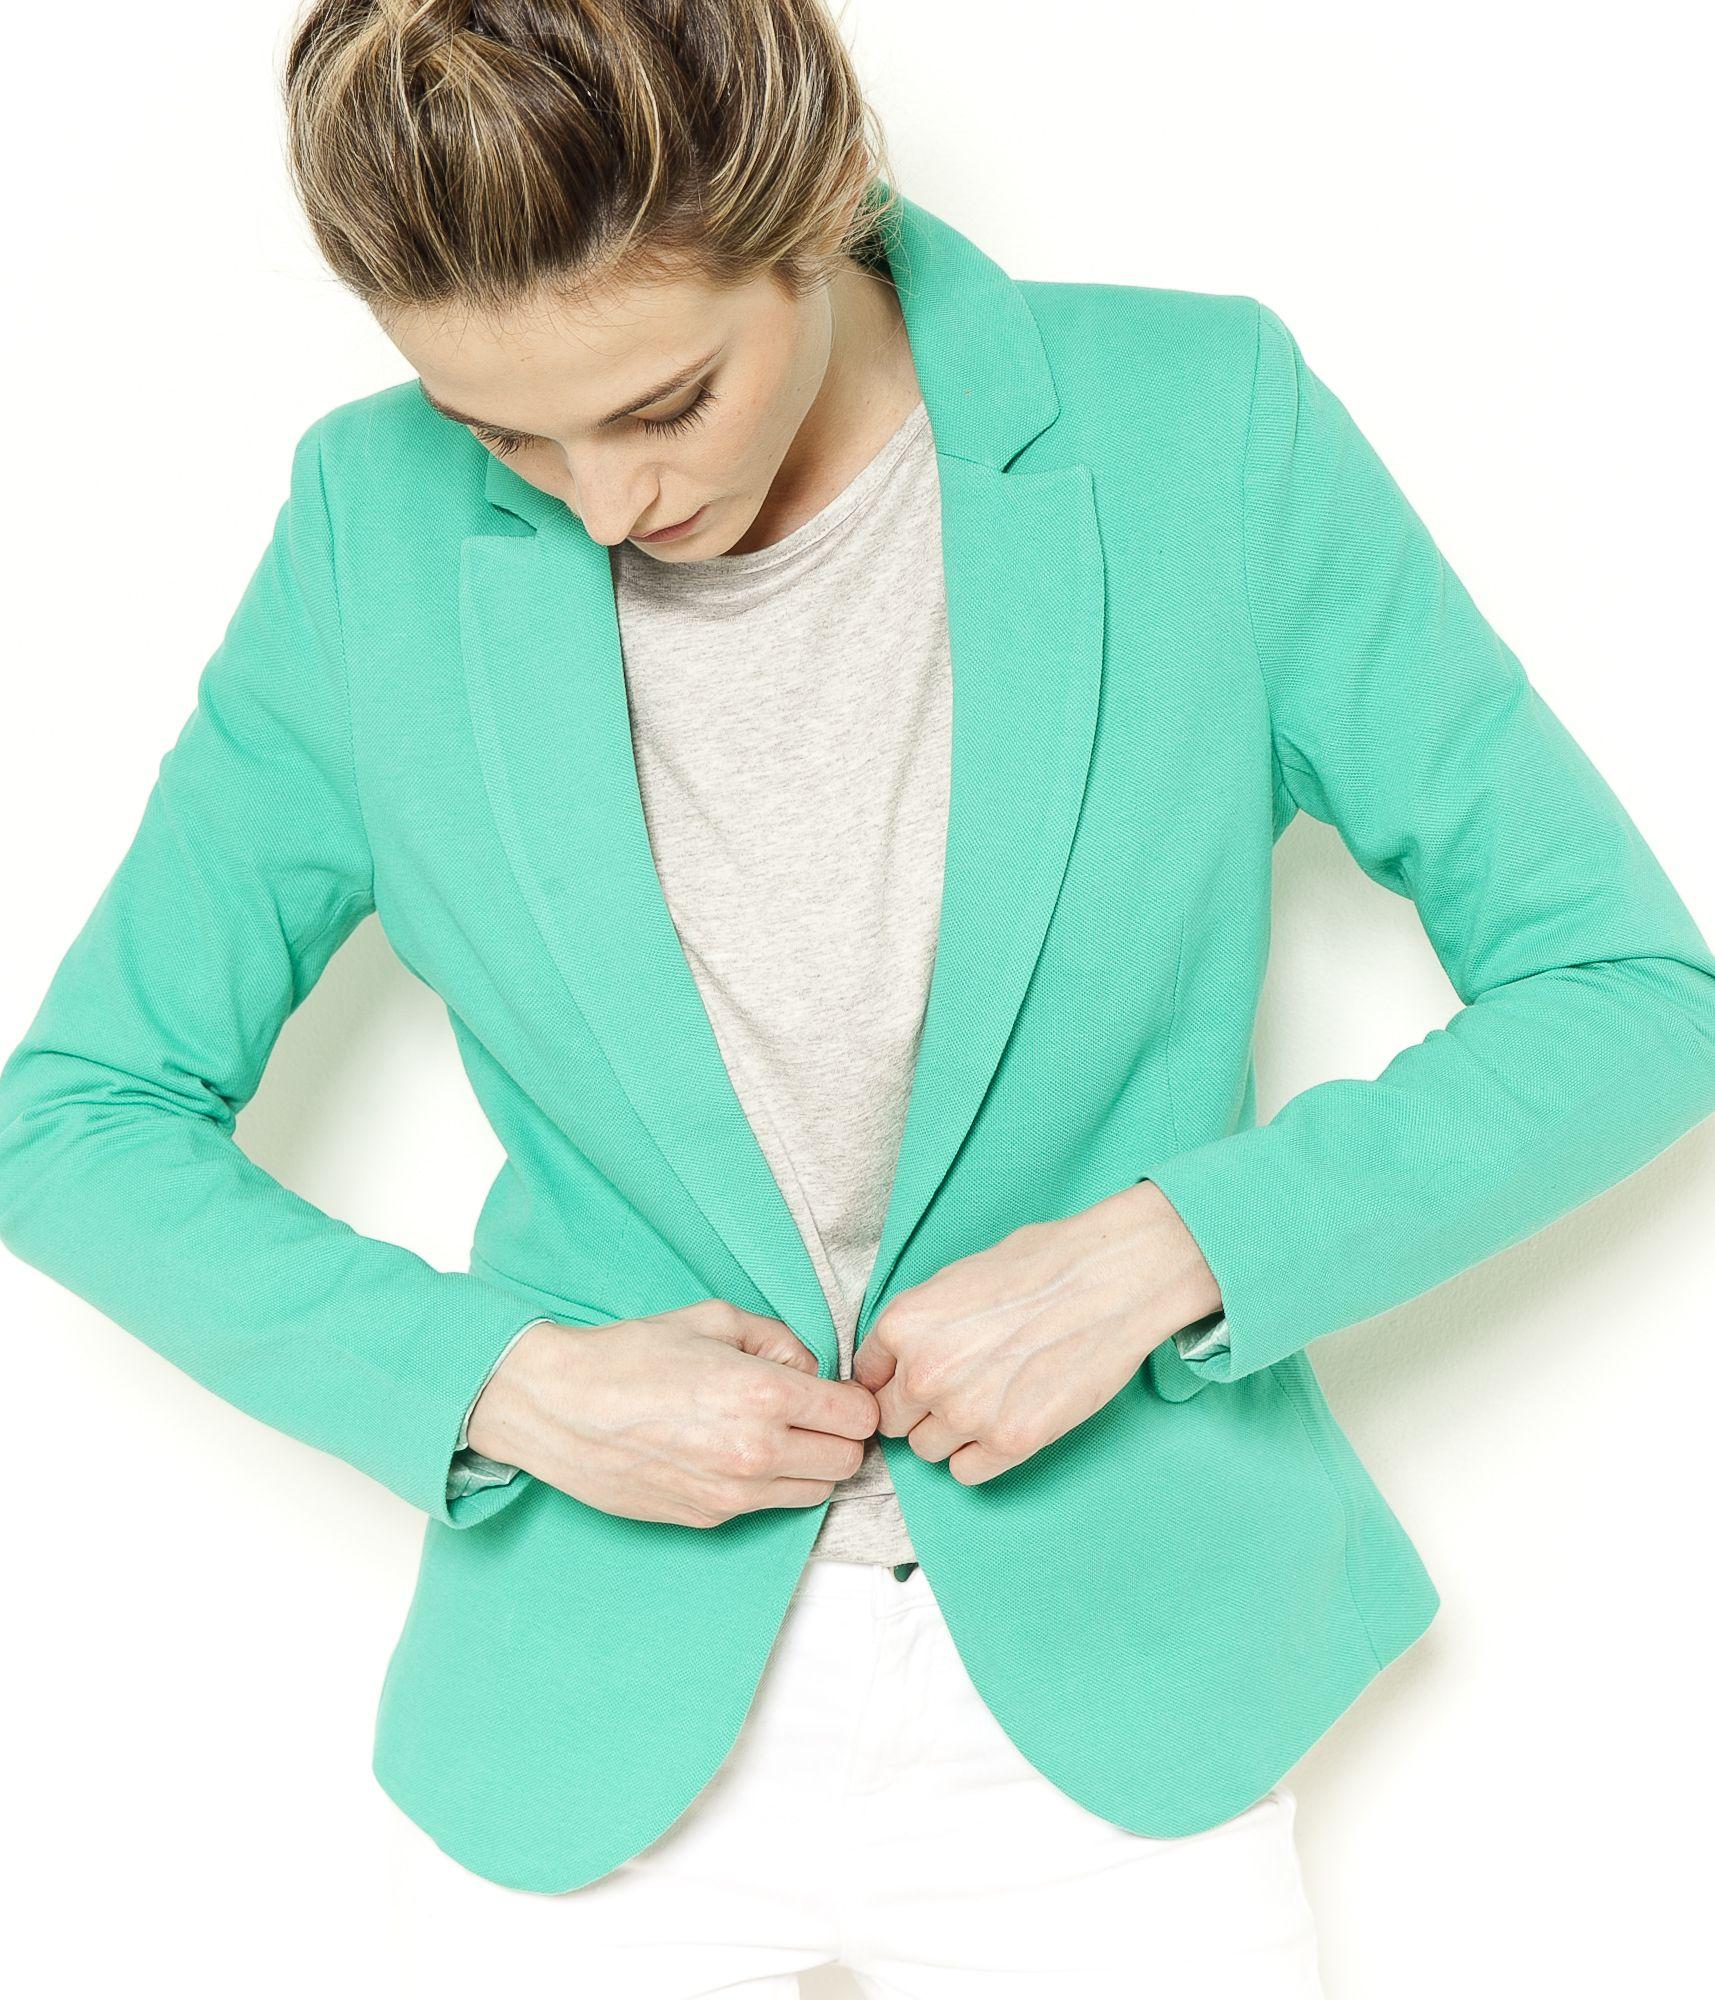 acheter populaire 142a7 e10eb Camaieu blazer bordeau - fermeleycaut.fr